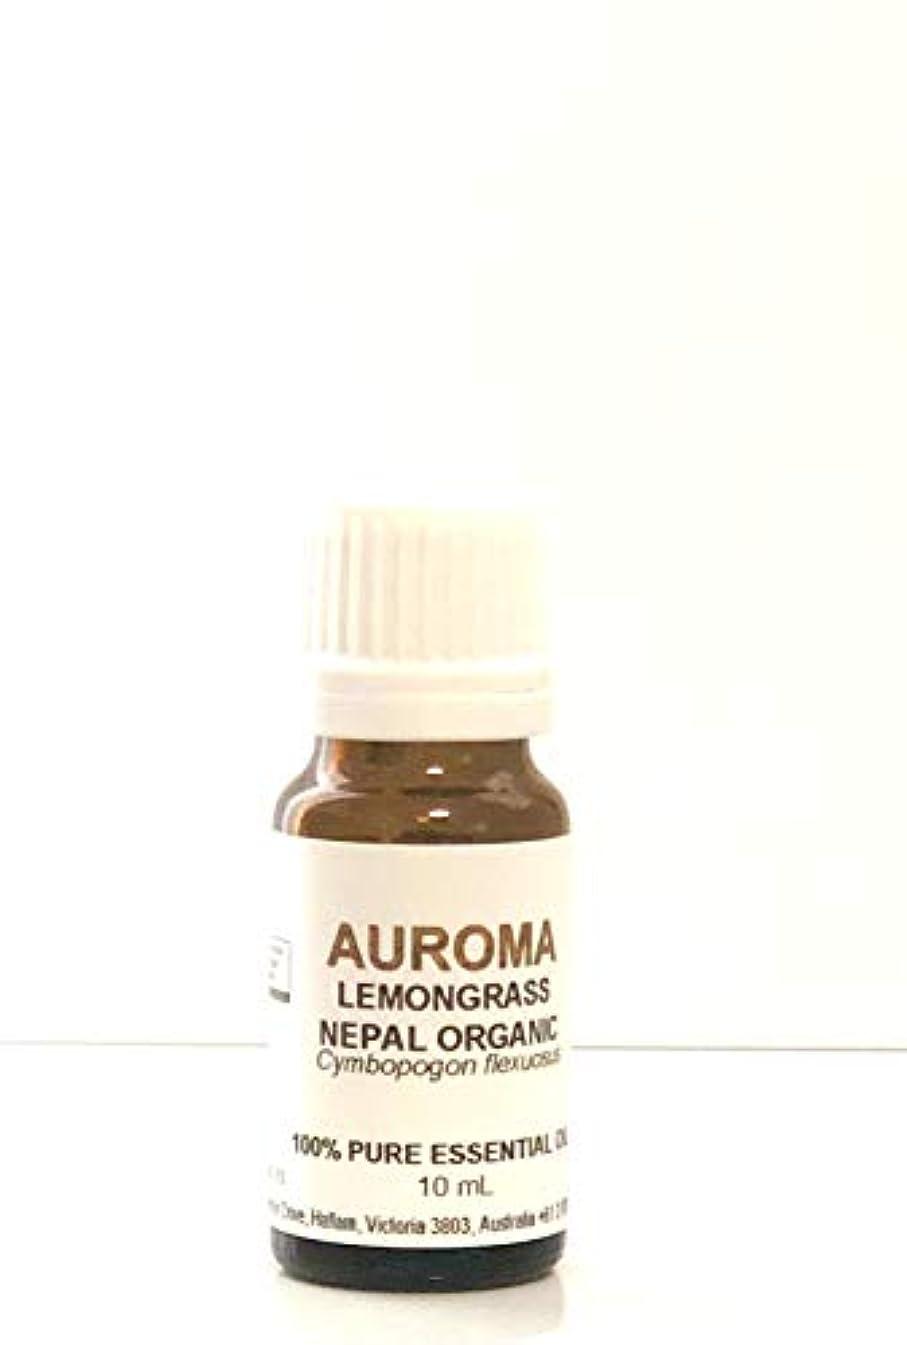 シールド平衡湾AUROMA レモングラス オーガニック 10ml